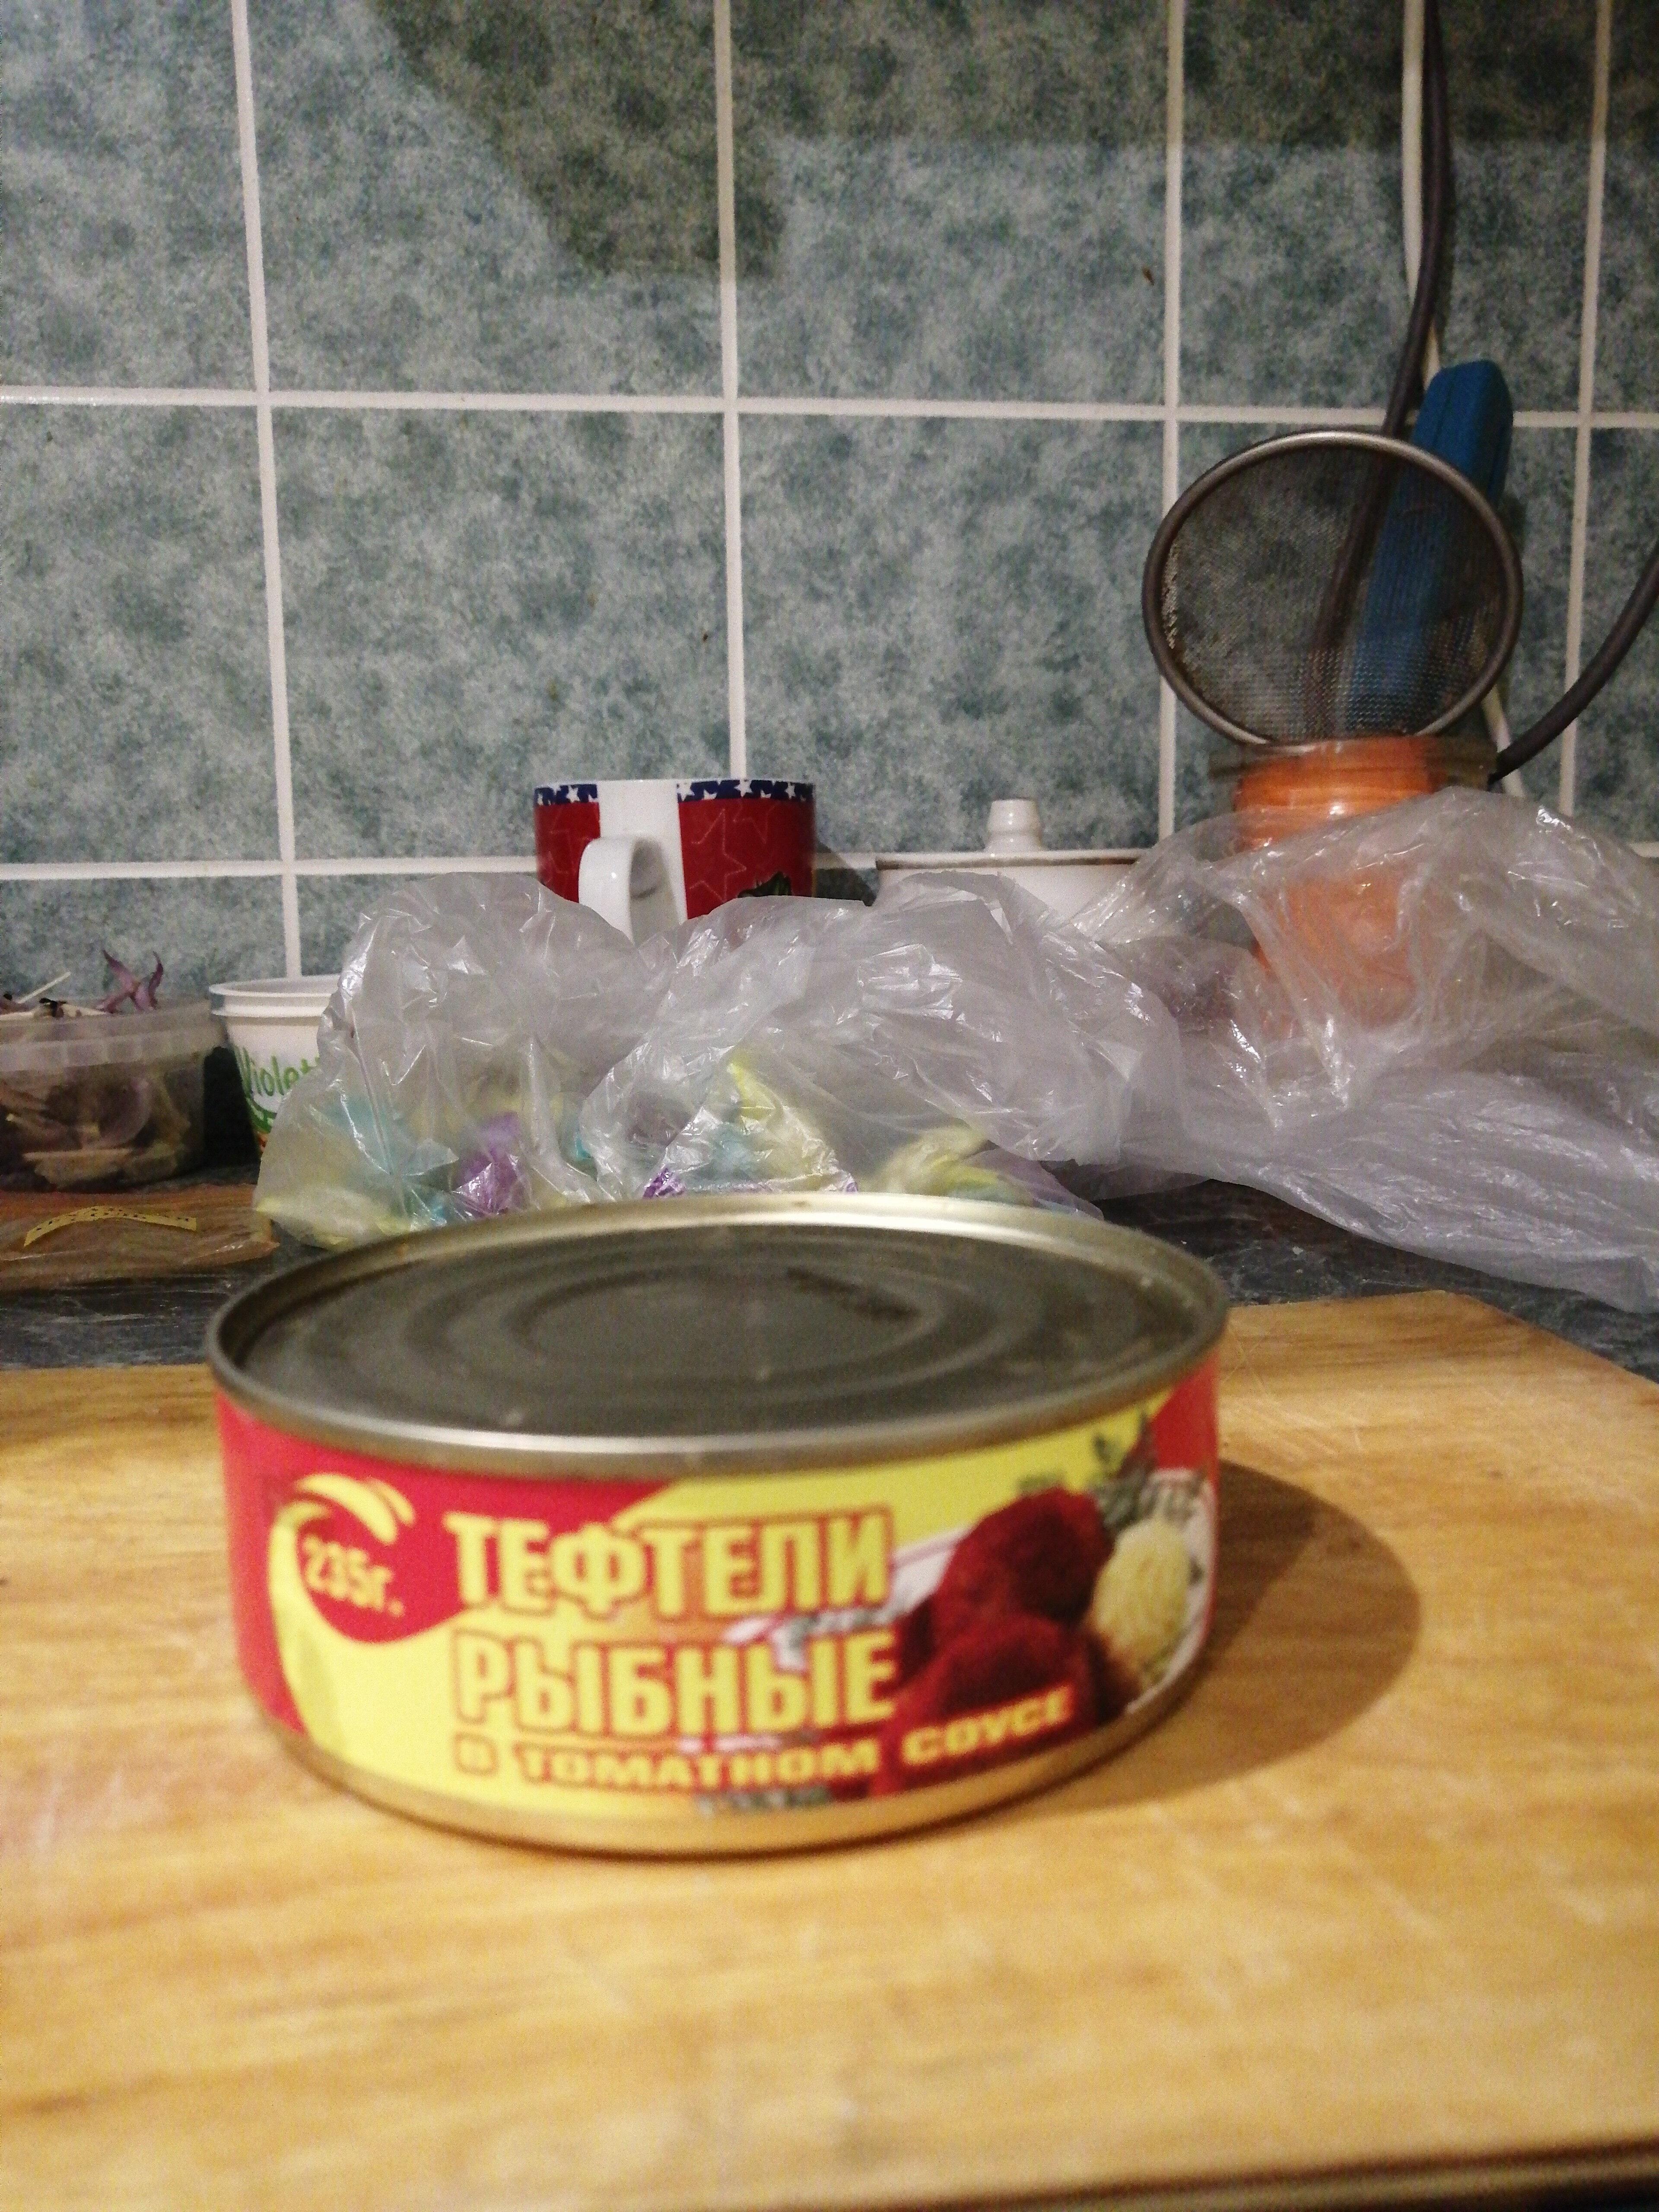 Тефтели рыбные в томатном соусе - Product